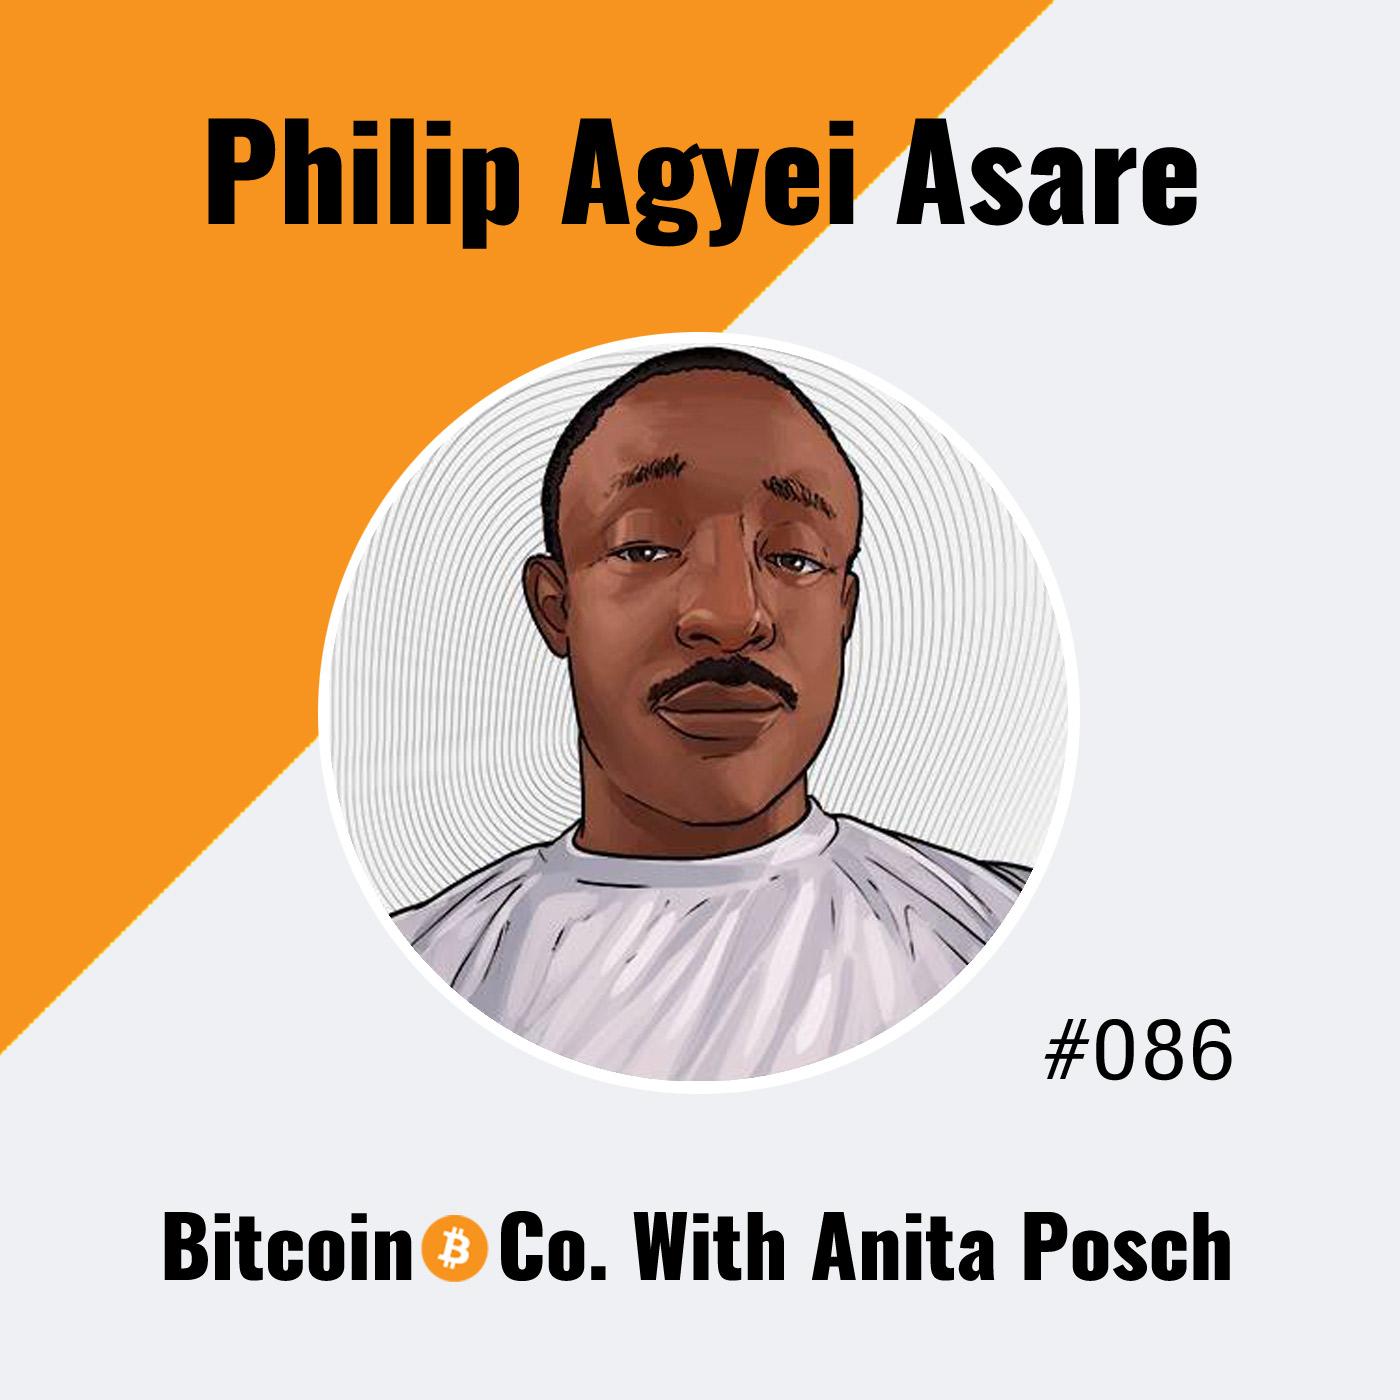 Philip Agyei Asare: Bitcoin in Ghana